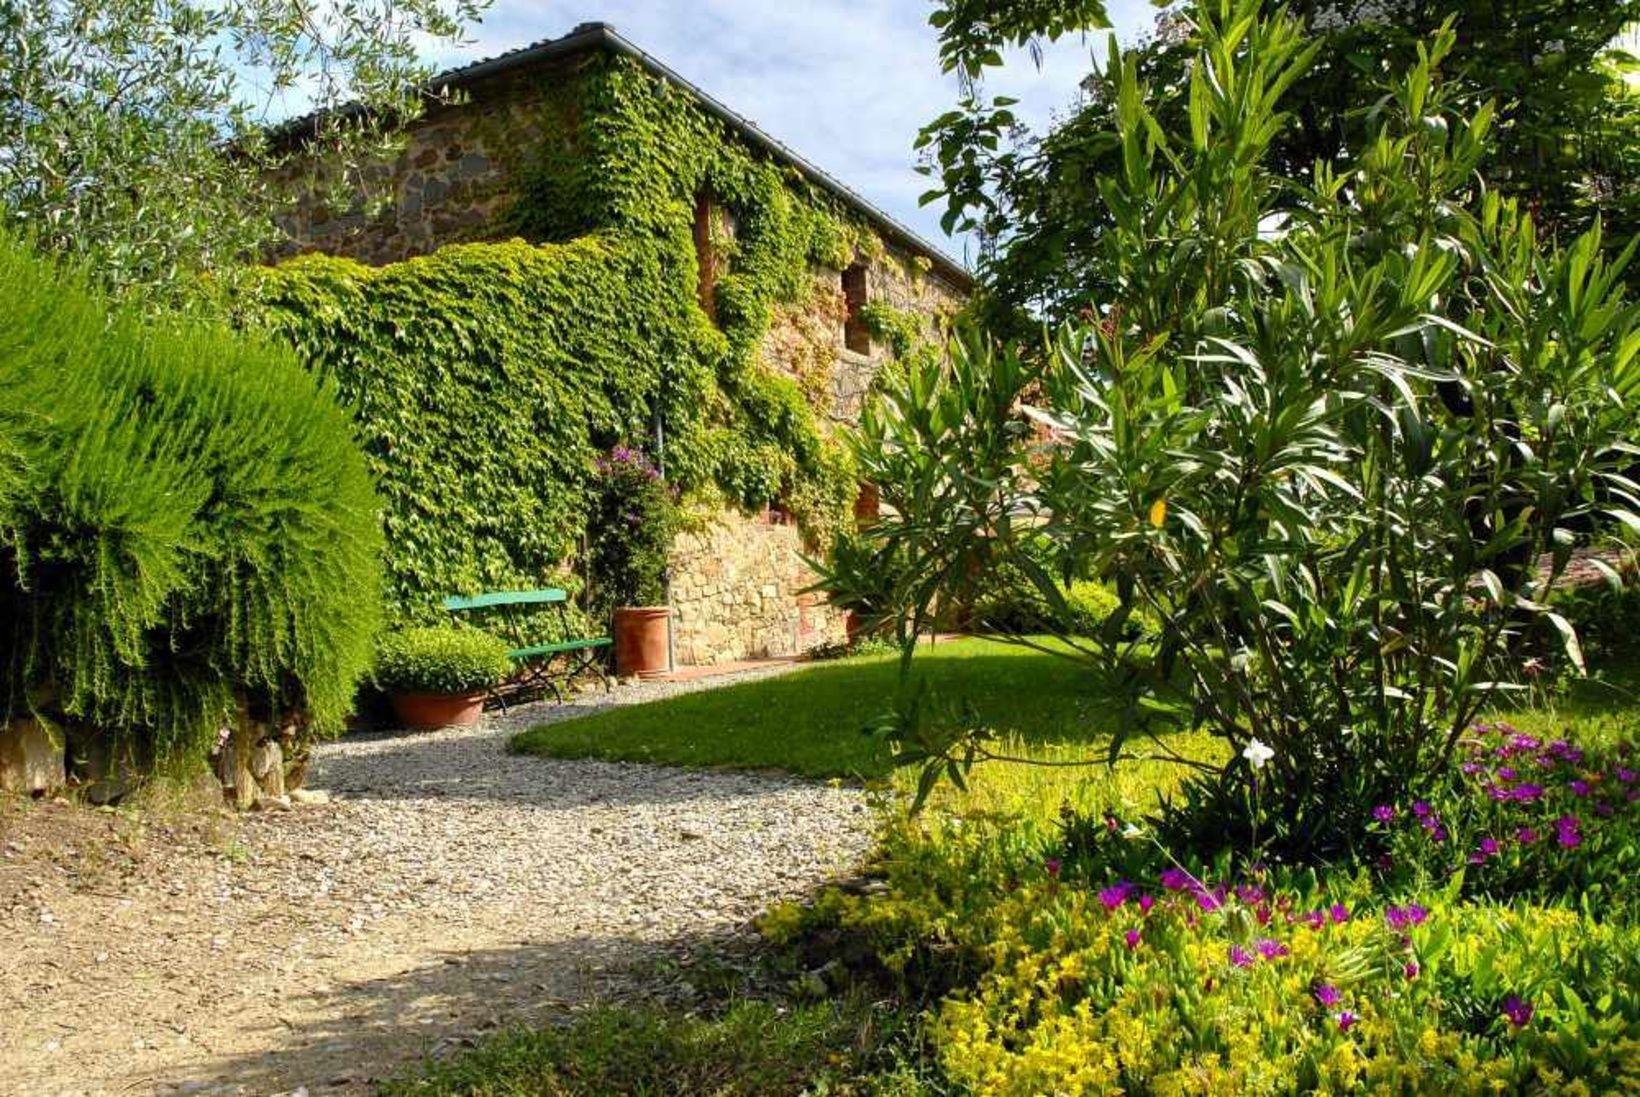 Italien Toskana Immobilie Sinalunga 9 Hektare Mit Wald Olivenbaume Landhaus Mit B B Pool Alleinlage Kaufpreis Reduziert Auf Pool Instagram B B